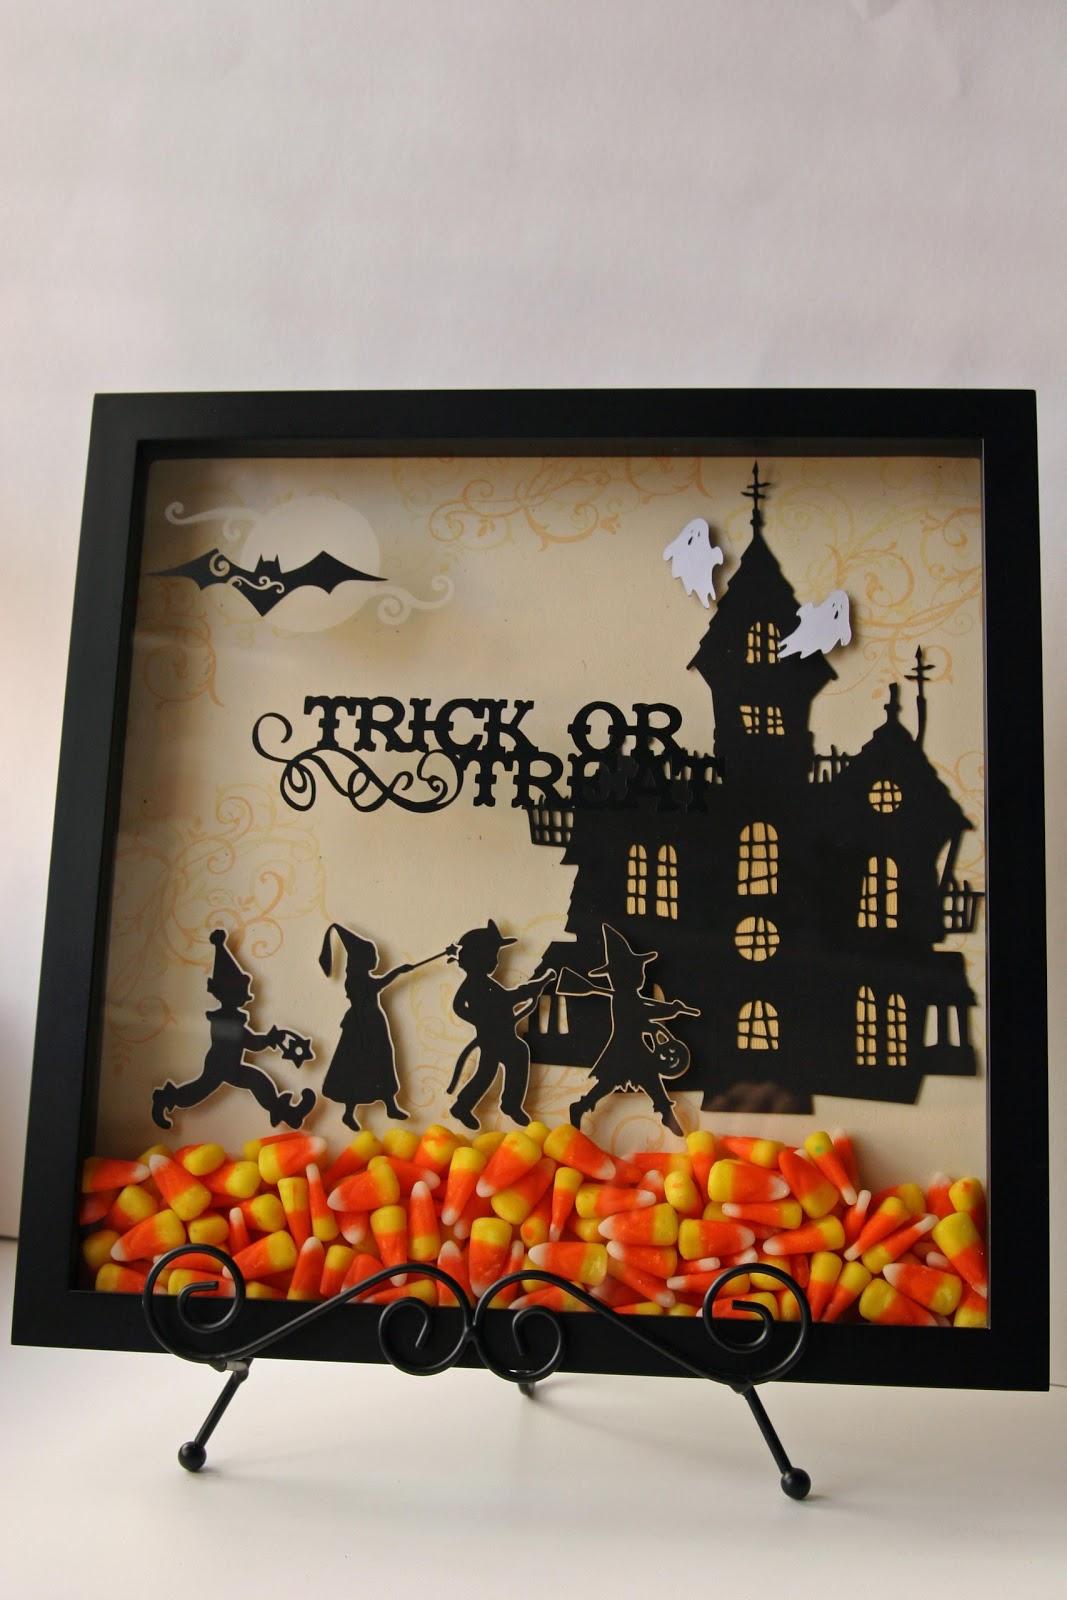 Halloween decorations indoor - 27 Candy Corn Makes Season Shadow Box Sweet